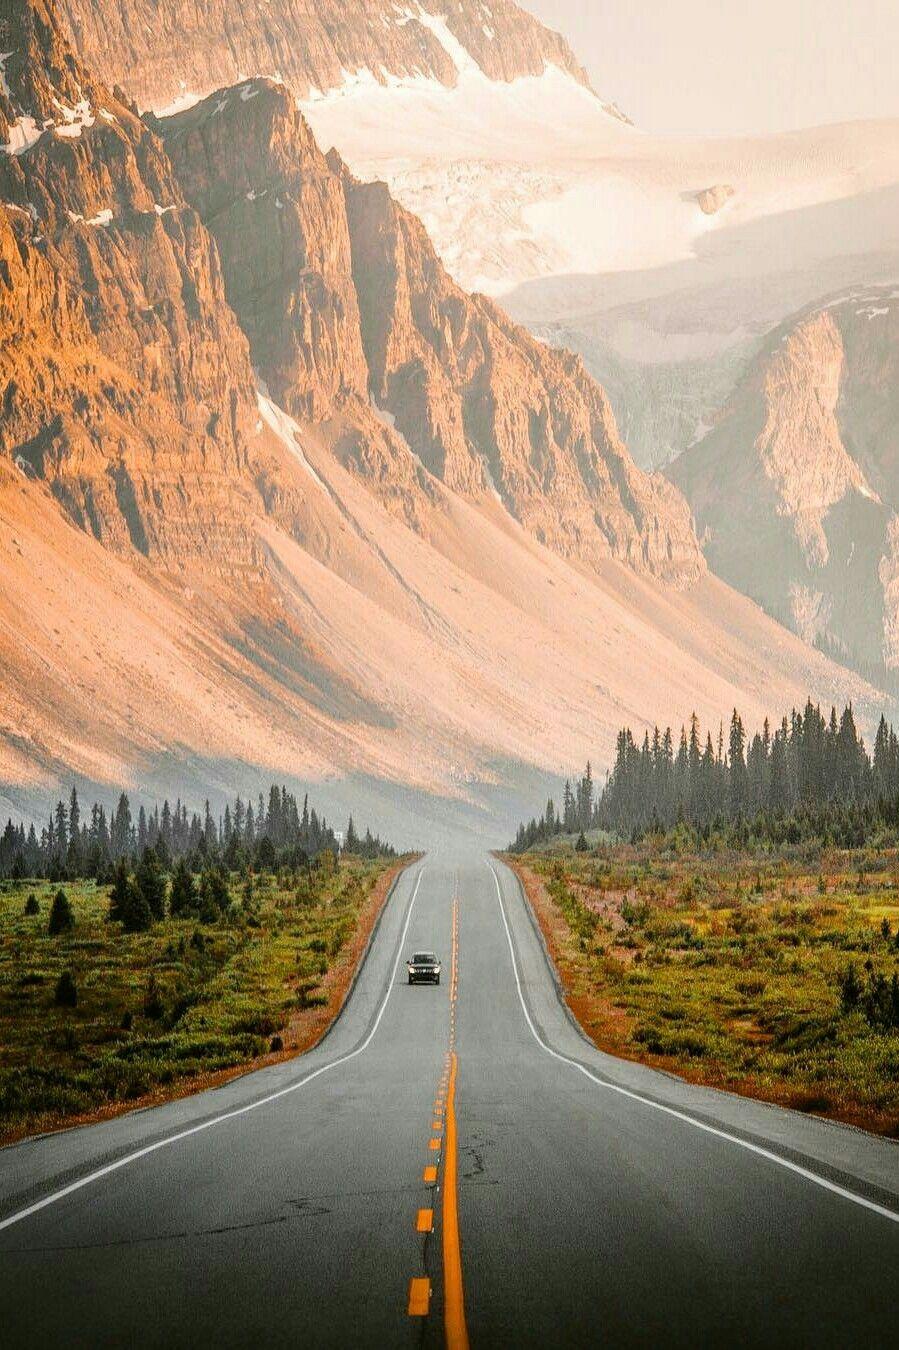 So Ein Genial Schones Foto Road Trip Wanderlust Travel Landschaftsbilder Naturbilder Kalifornien Reise